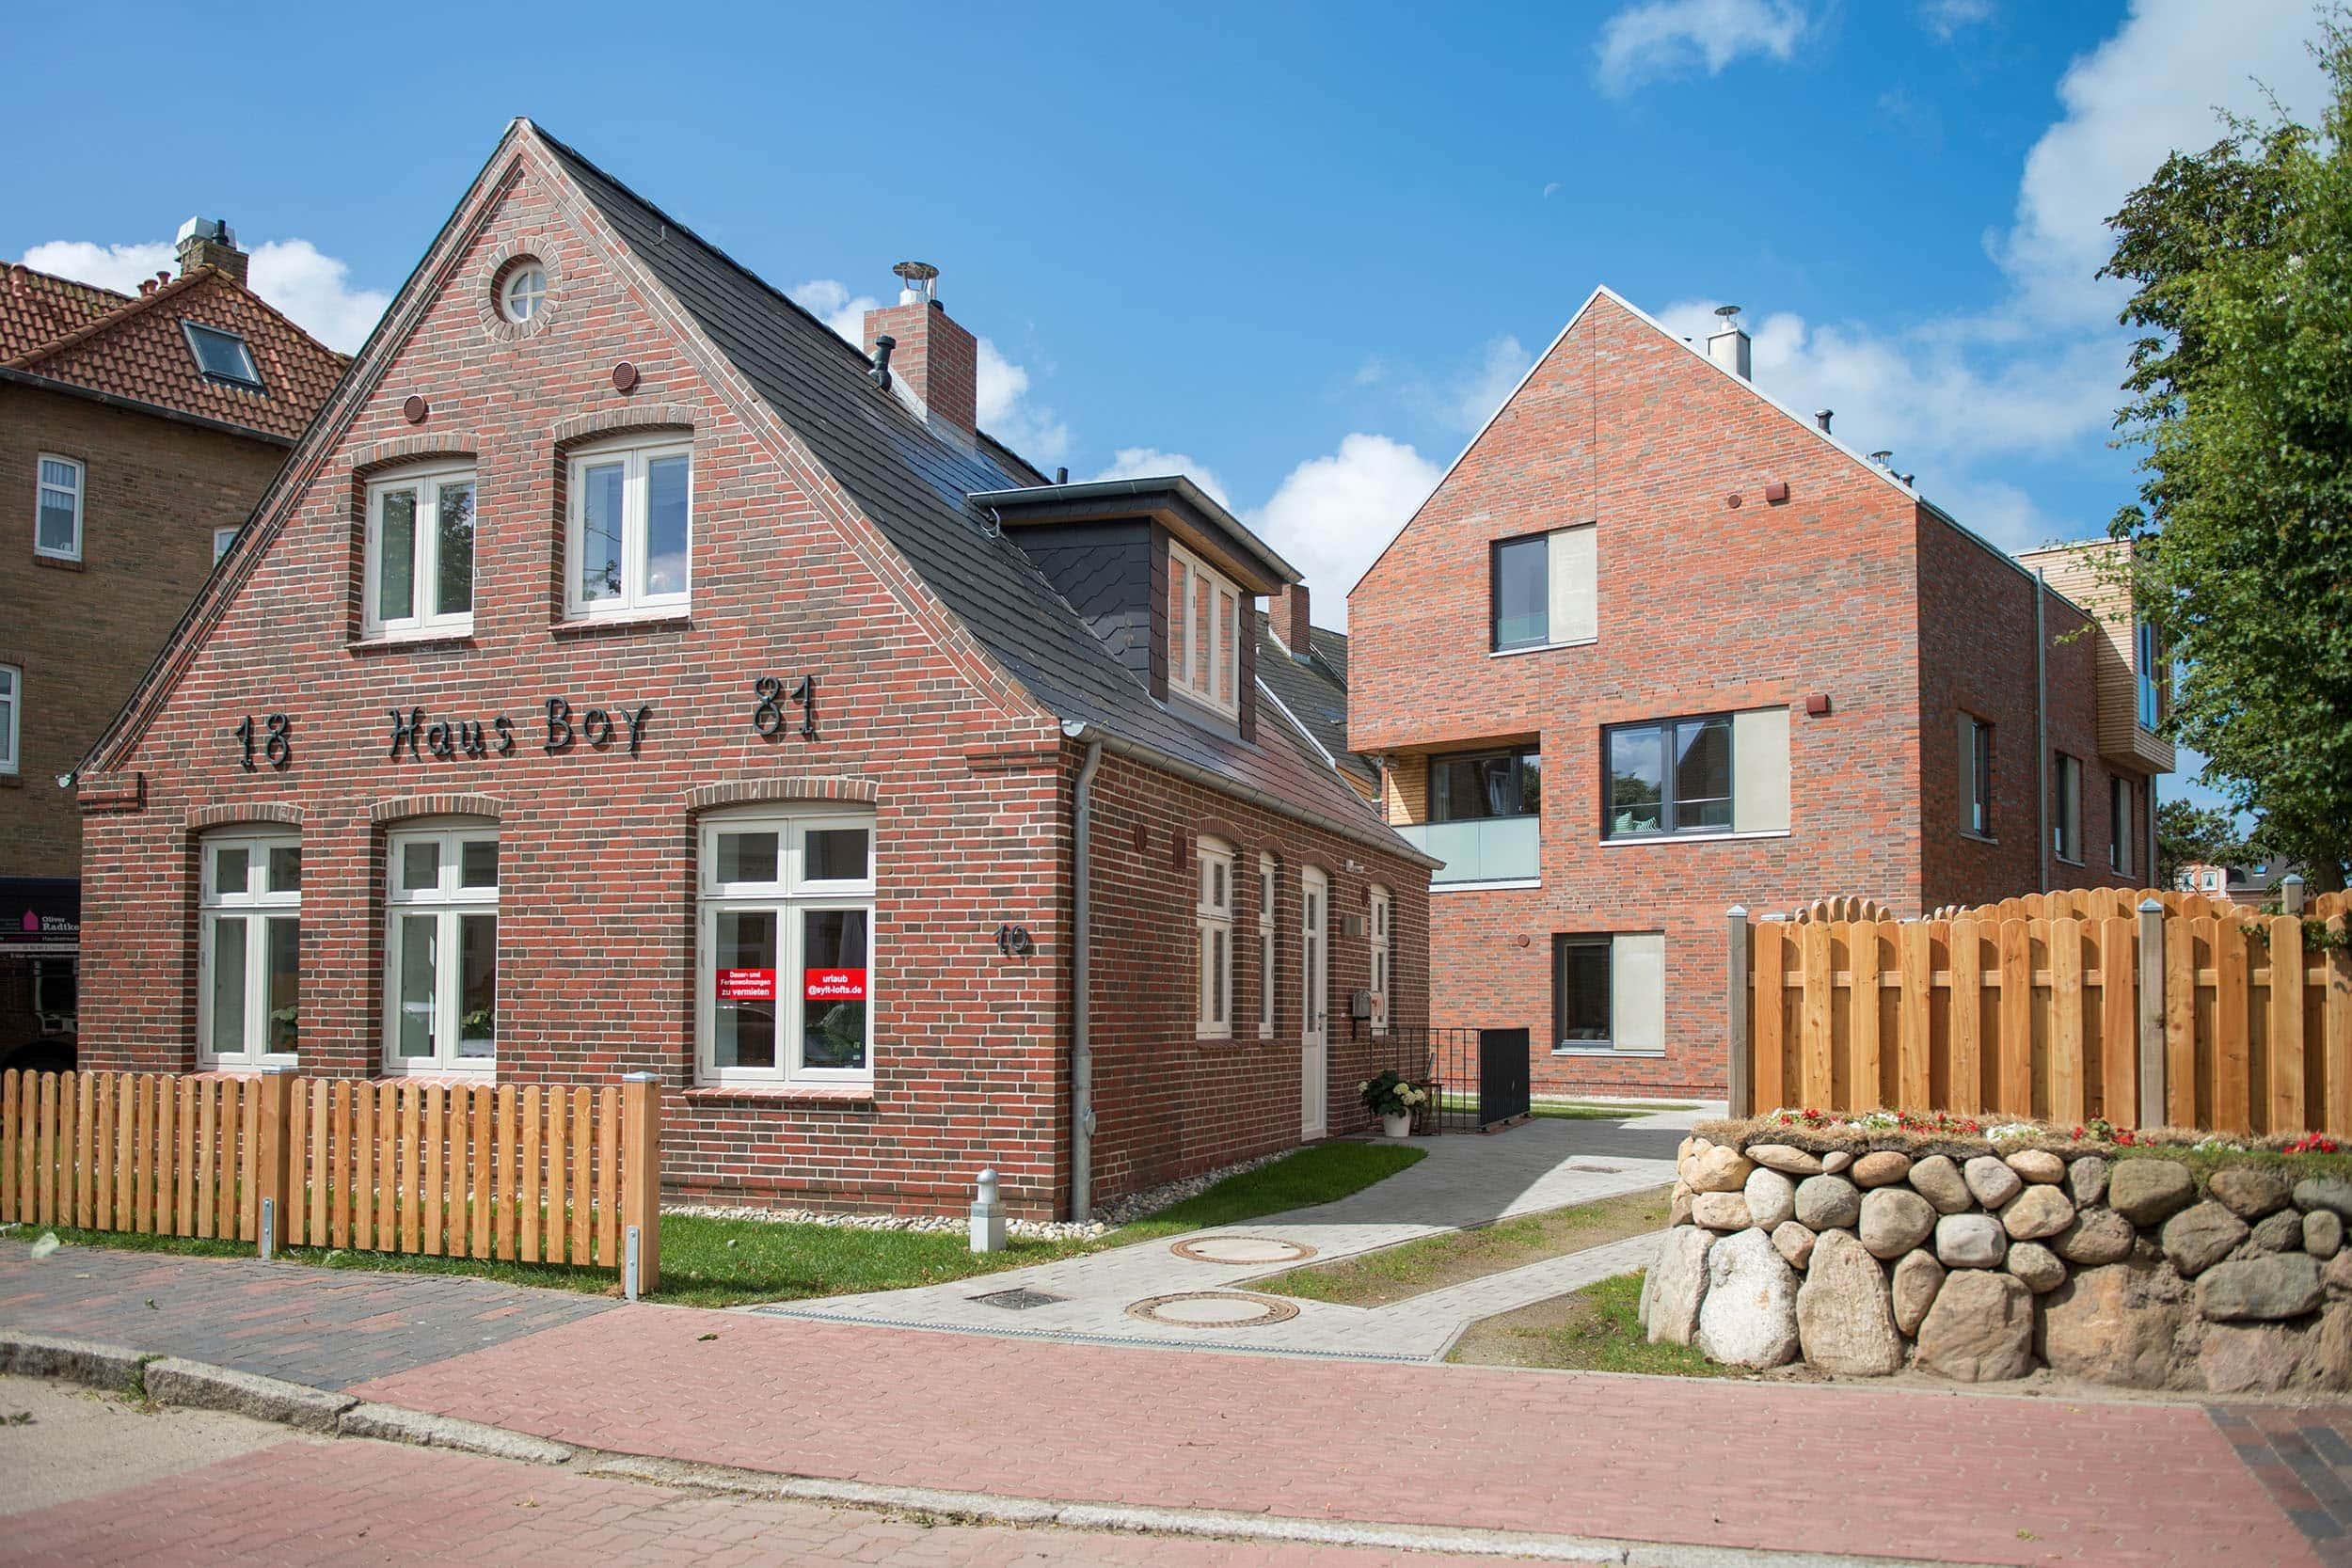 Sylt Lofts: Blick auf das Haus Boy